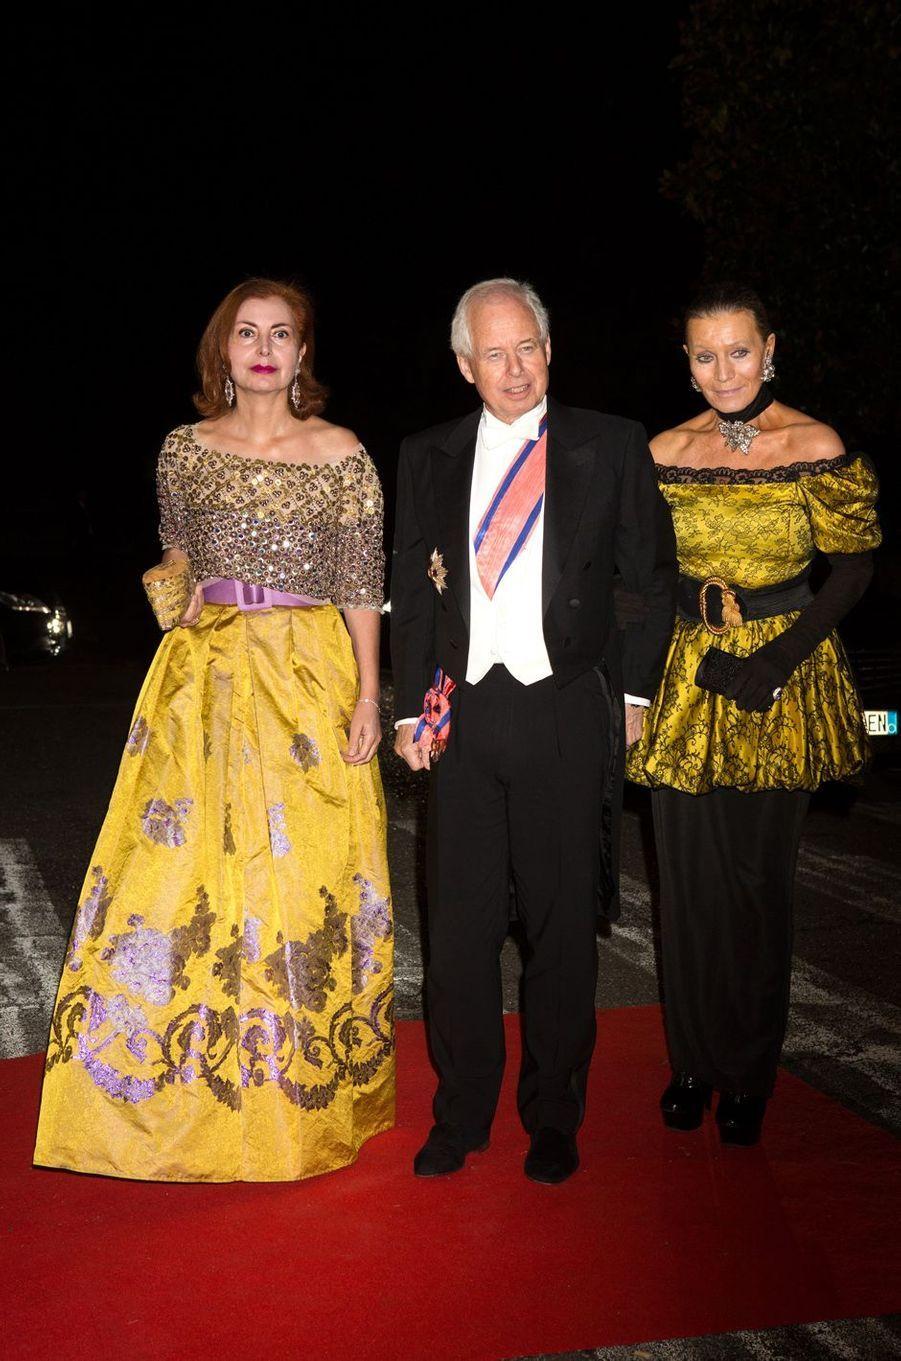 La princesse Isabelle et le prince Philippe de Liechtenstein